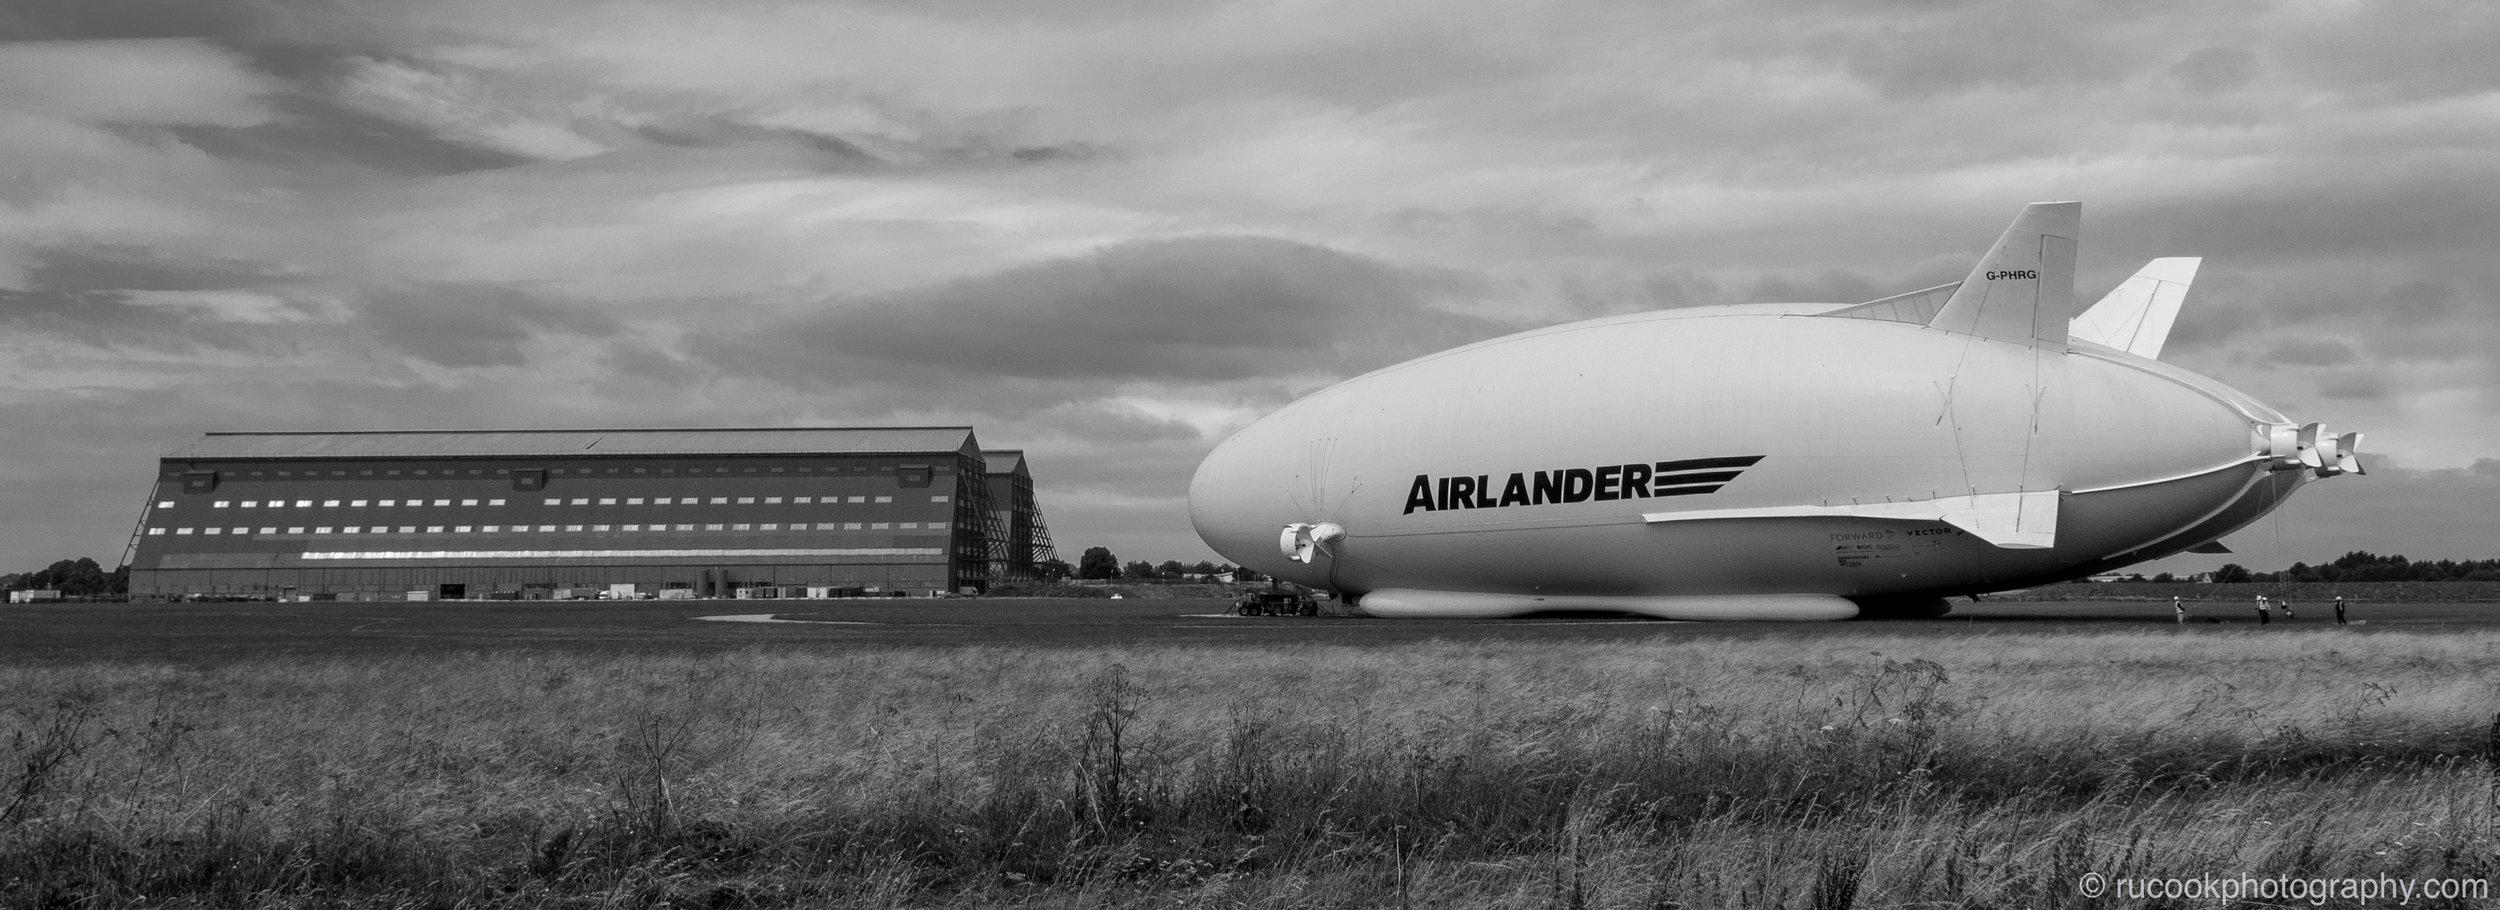 Airlander test flight